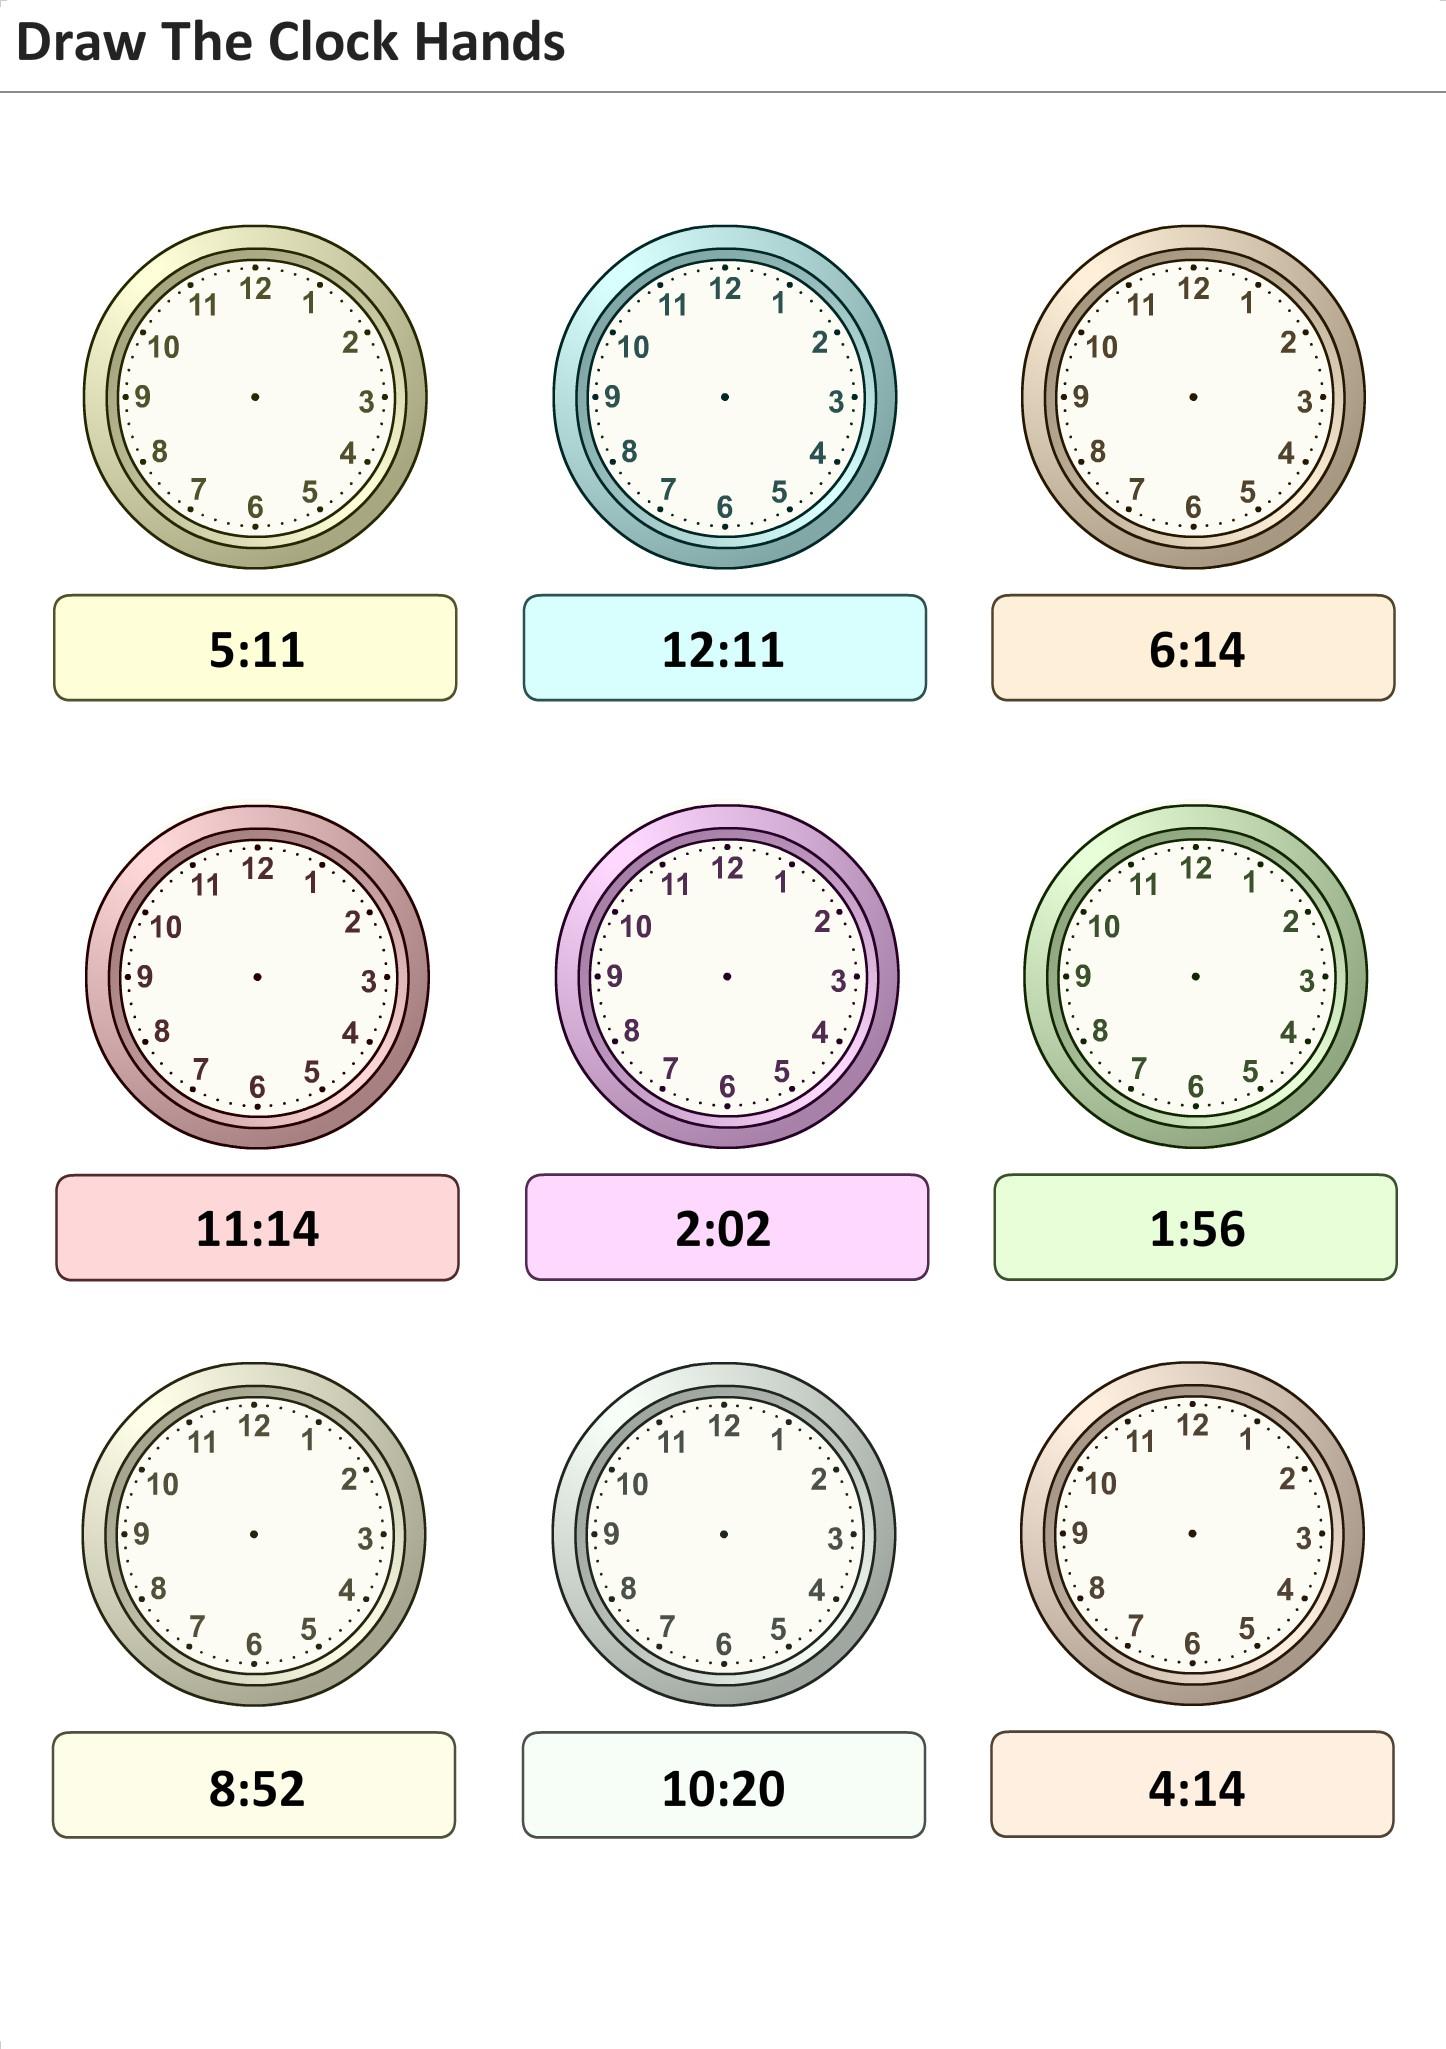 Übungen Für Kinder Setzen Sie Die Zeit Auf Der Uhr Für Lernen 29 verwandt mit Uhr Lernen Übungen